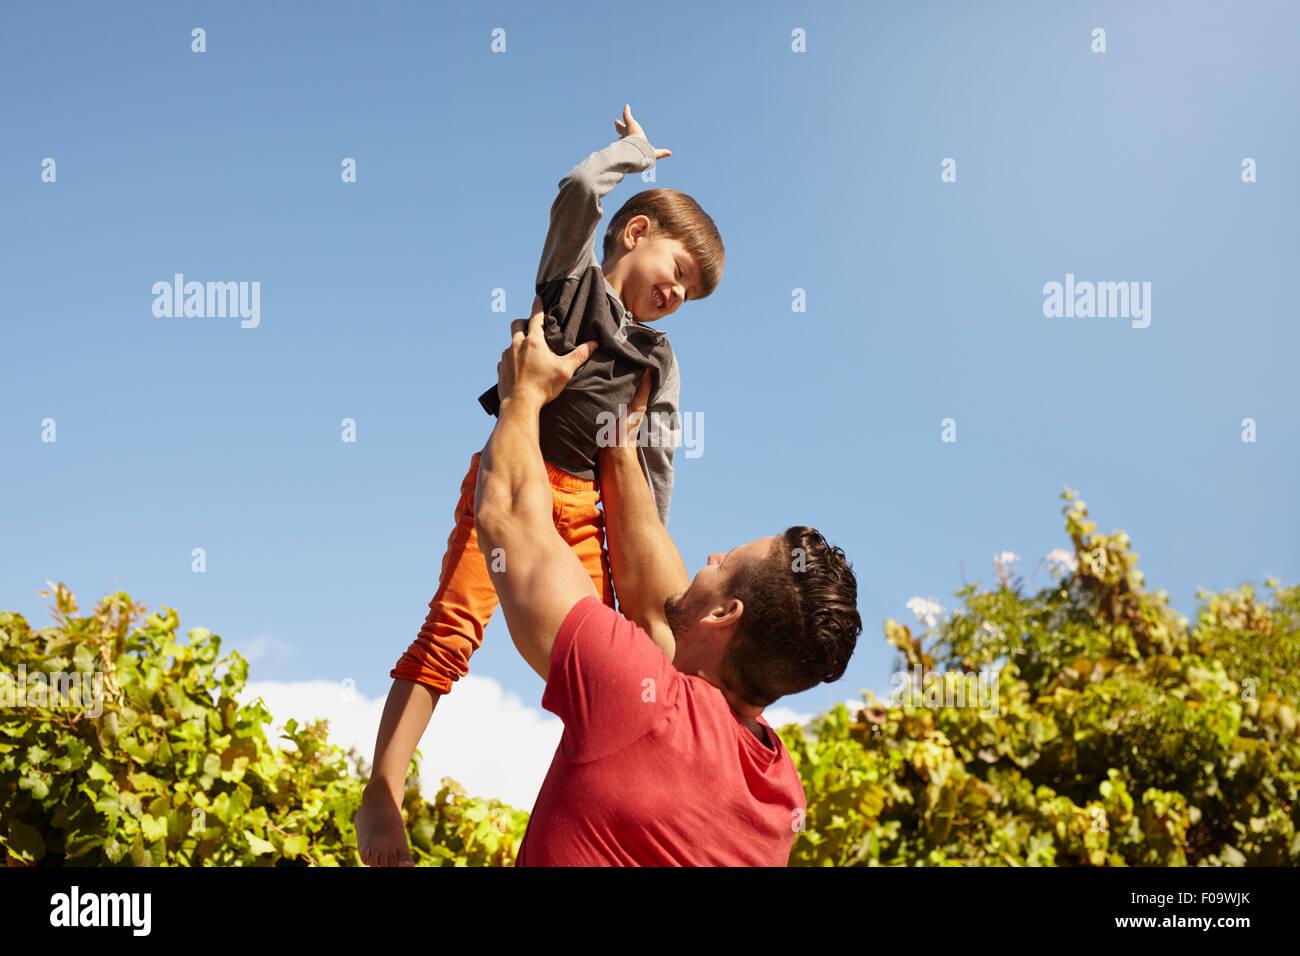 Coup de jeune homme tenant son petit fils très haut dans l'air contre ciel sur une journée ensoleillée. Photo Stock